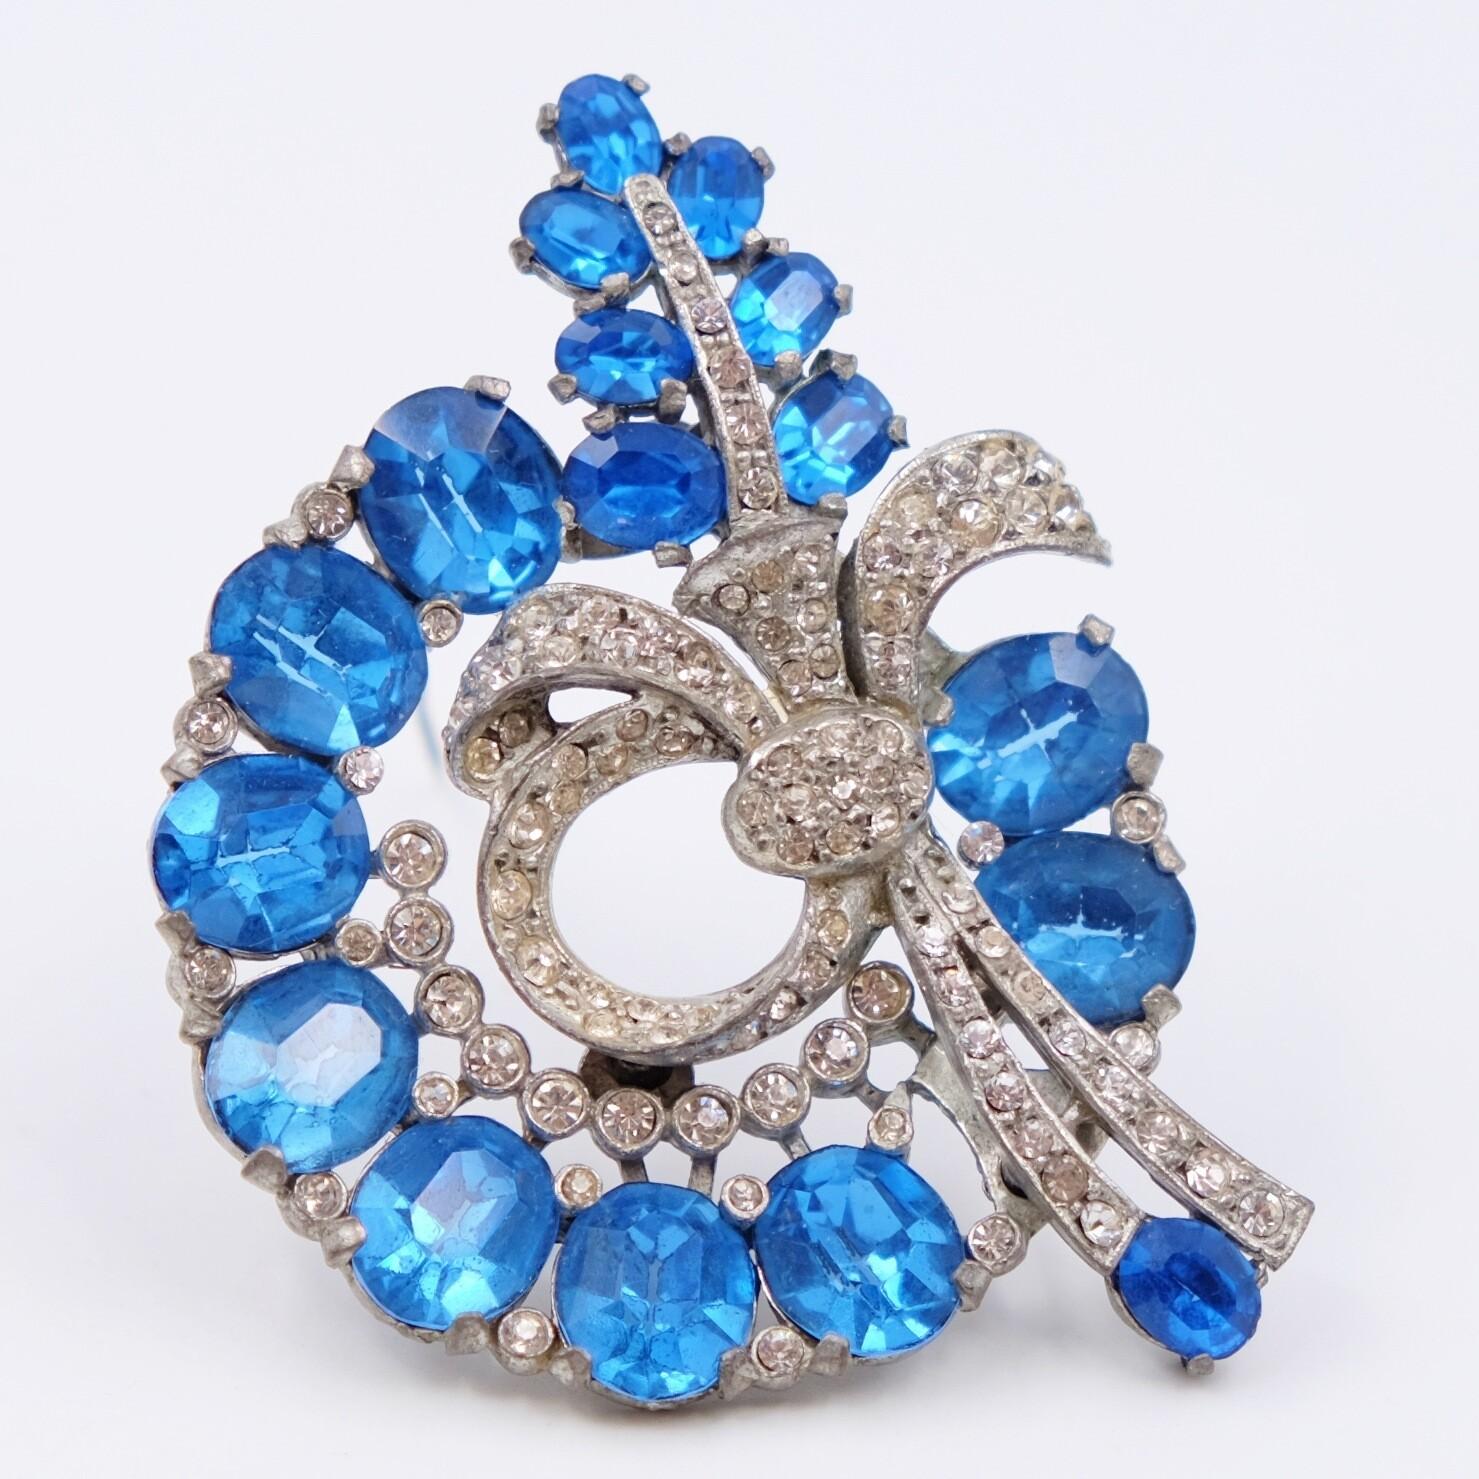 Vintage Blue Glass Brooch 1930s